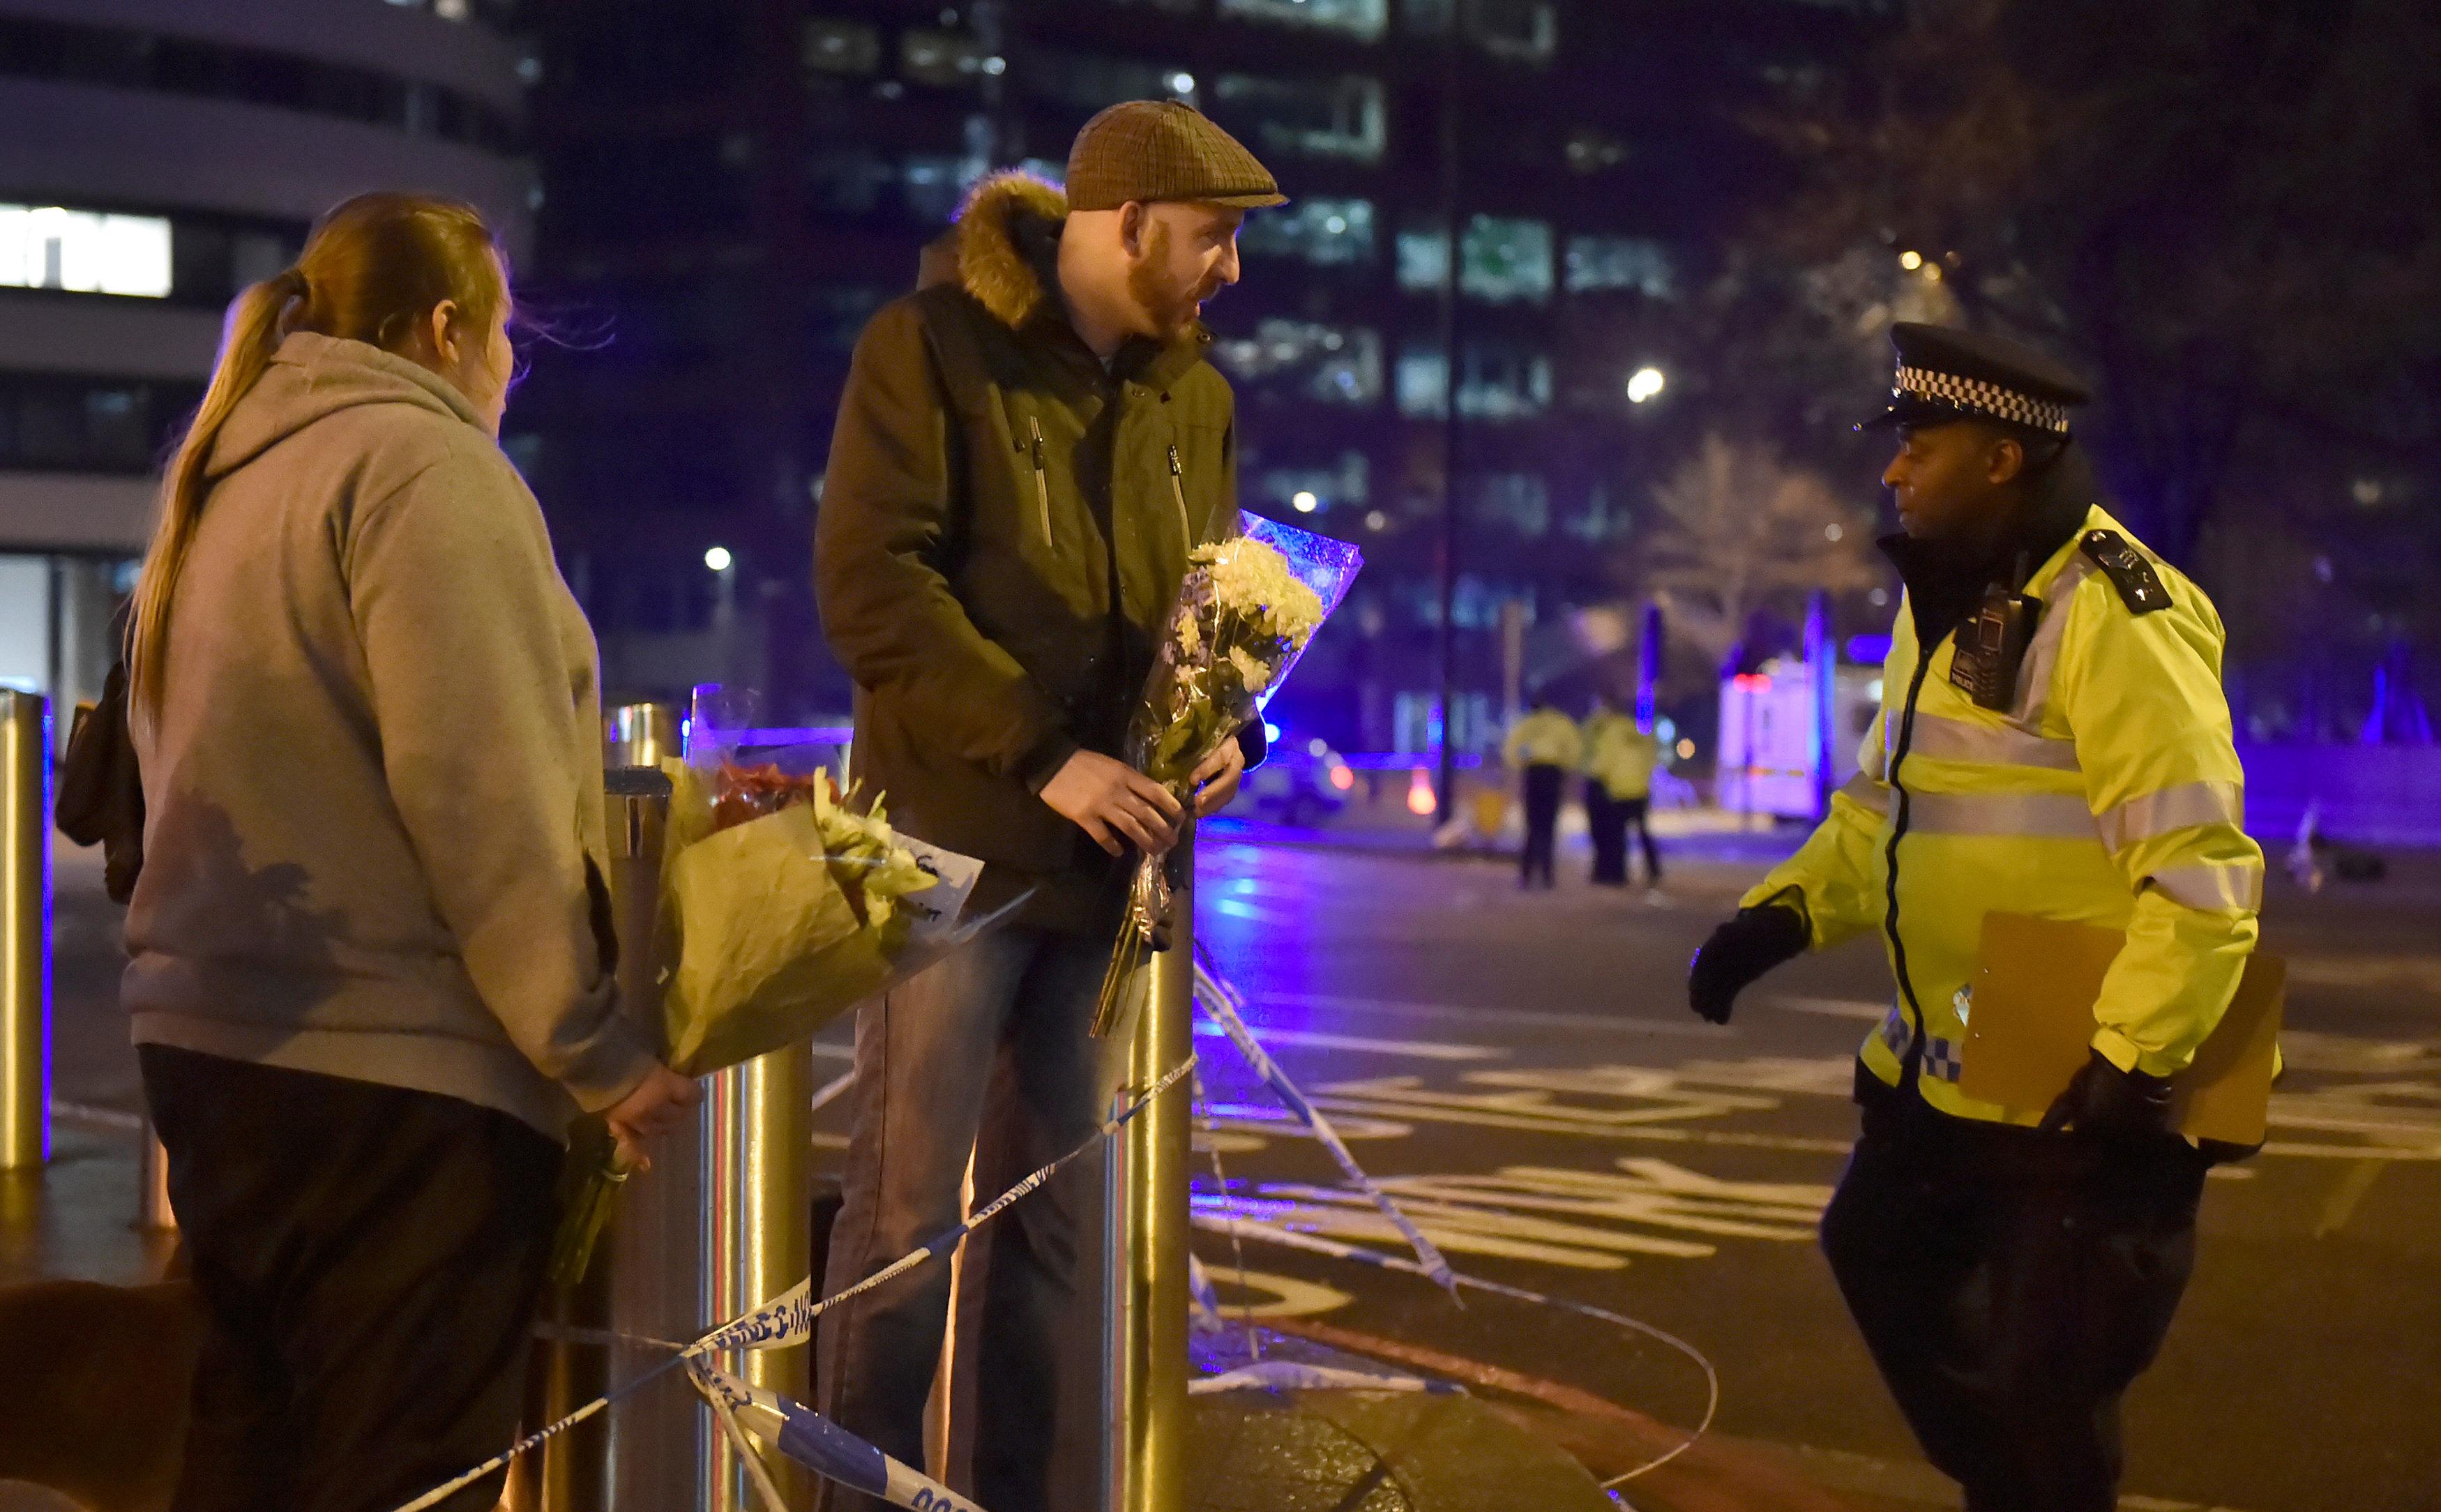 İngiltere'de halk teröre karşı birleşti